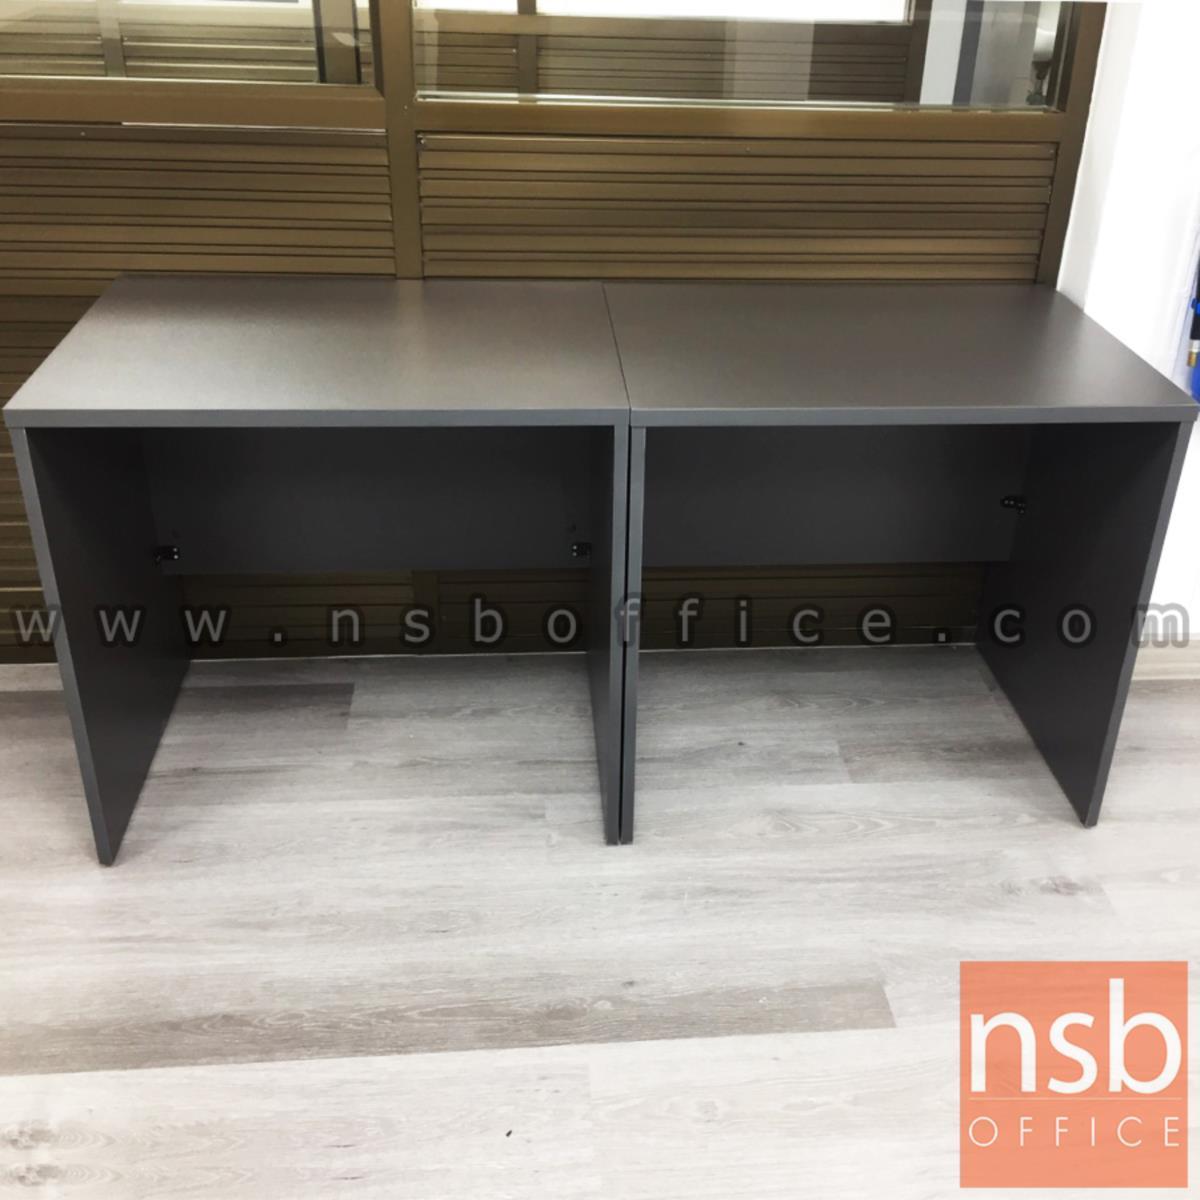 โต๊ะทำงานโล่ง รุ่น Mayer (เมเยอร์) ขนาด 80W, 120W, 135W, 150W, 160W, 180W * (60D, 75D, 80D) cm.